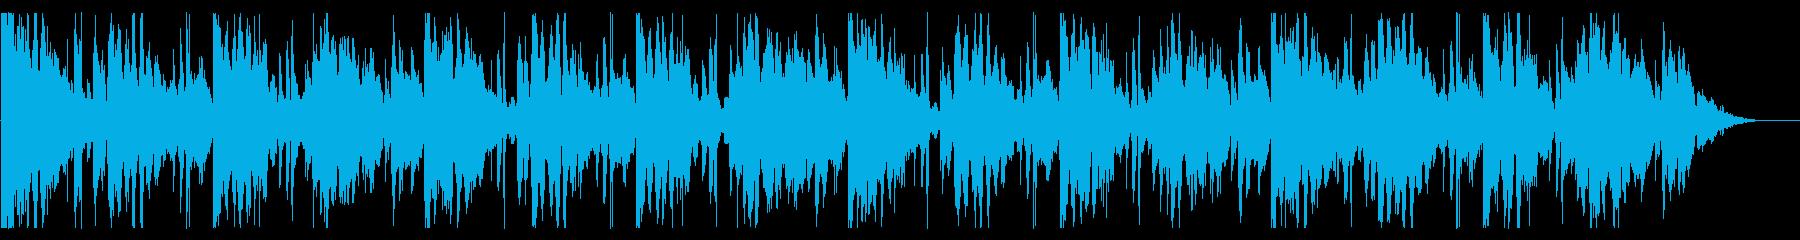 海/生演奏/R&B_No607_5の再生済みの波形